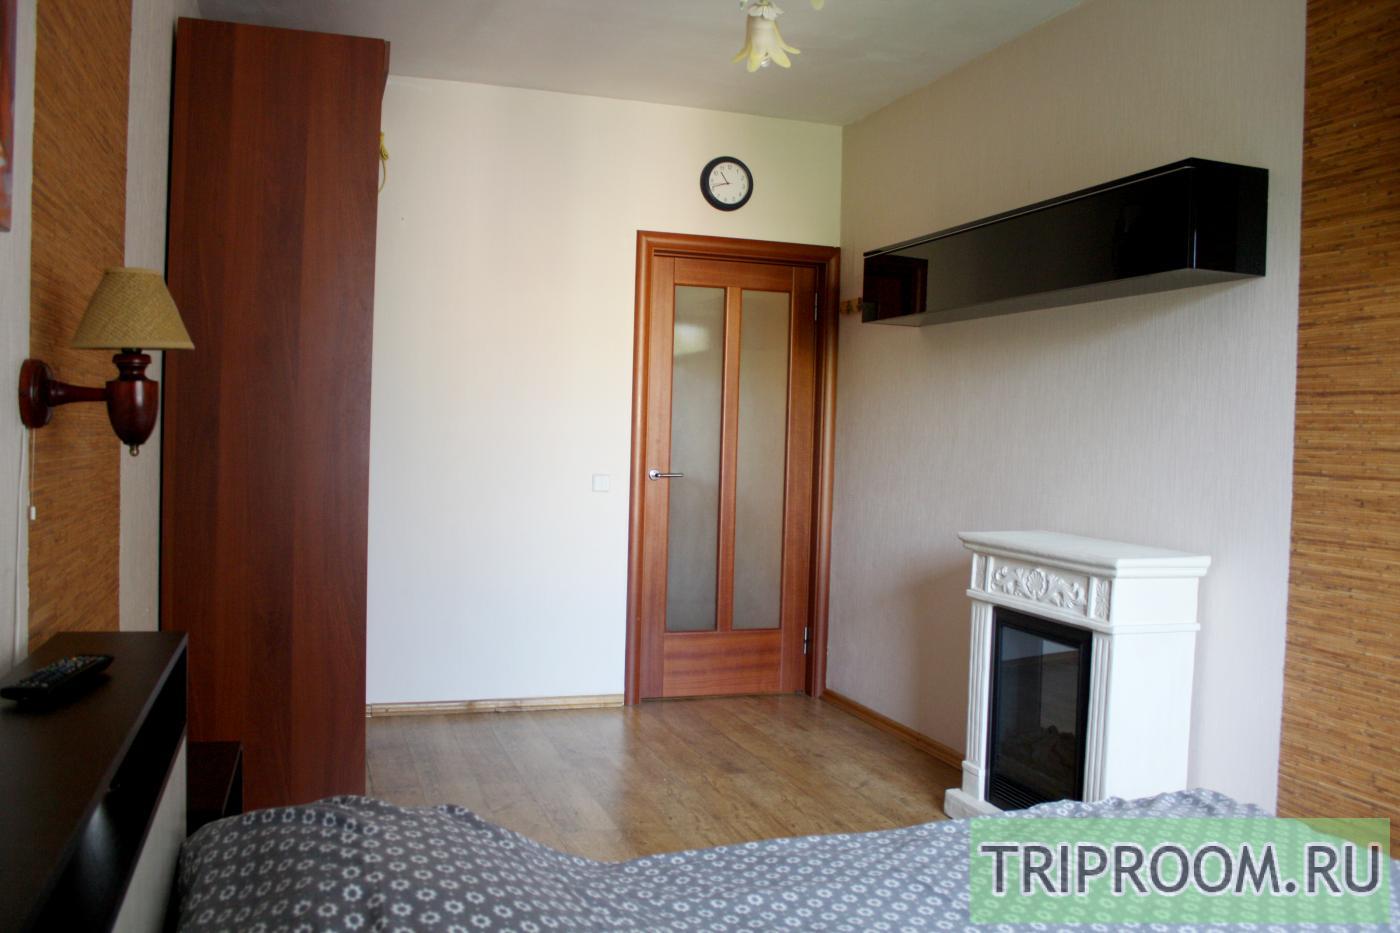 2-комнатная квартира посуточно (вариант № 16268), ул. Лесной проспект, фото № 4